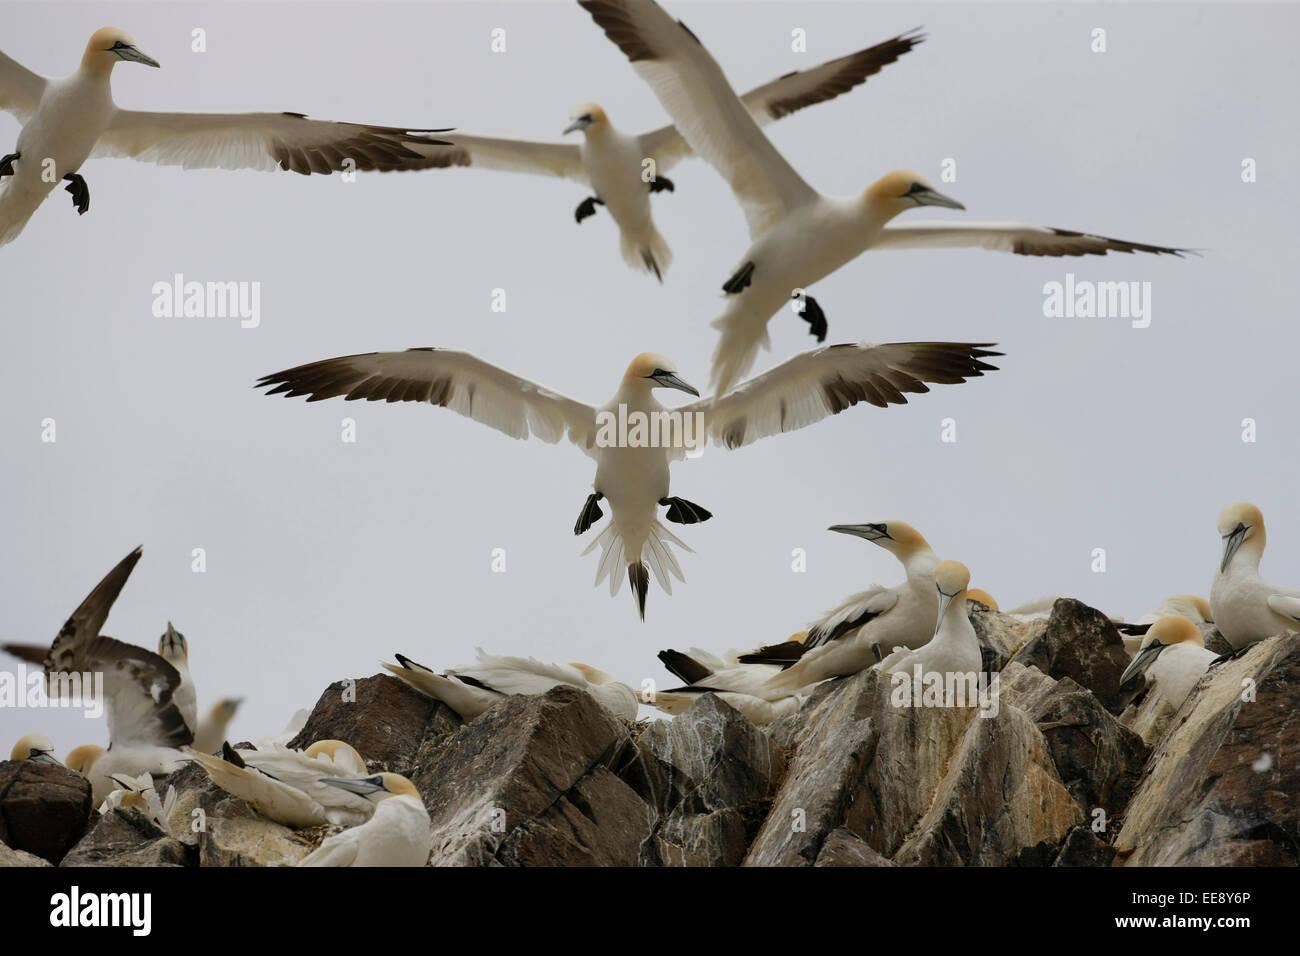 Gannets flying - Stock Image